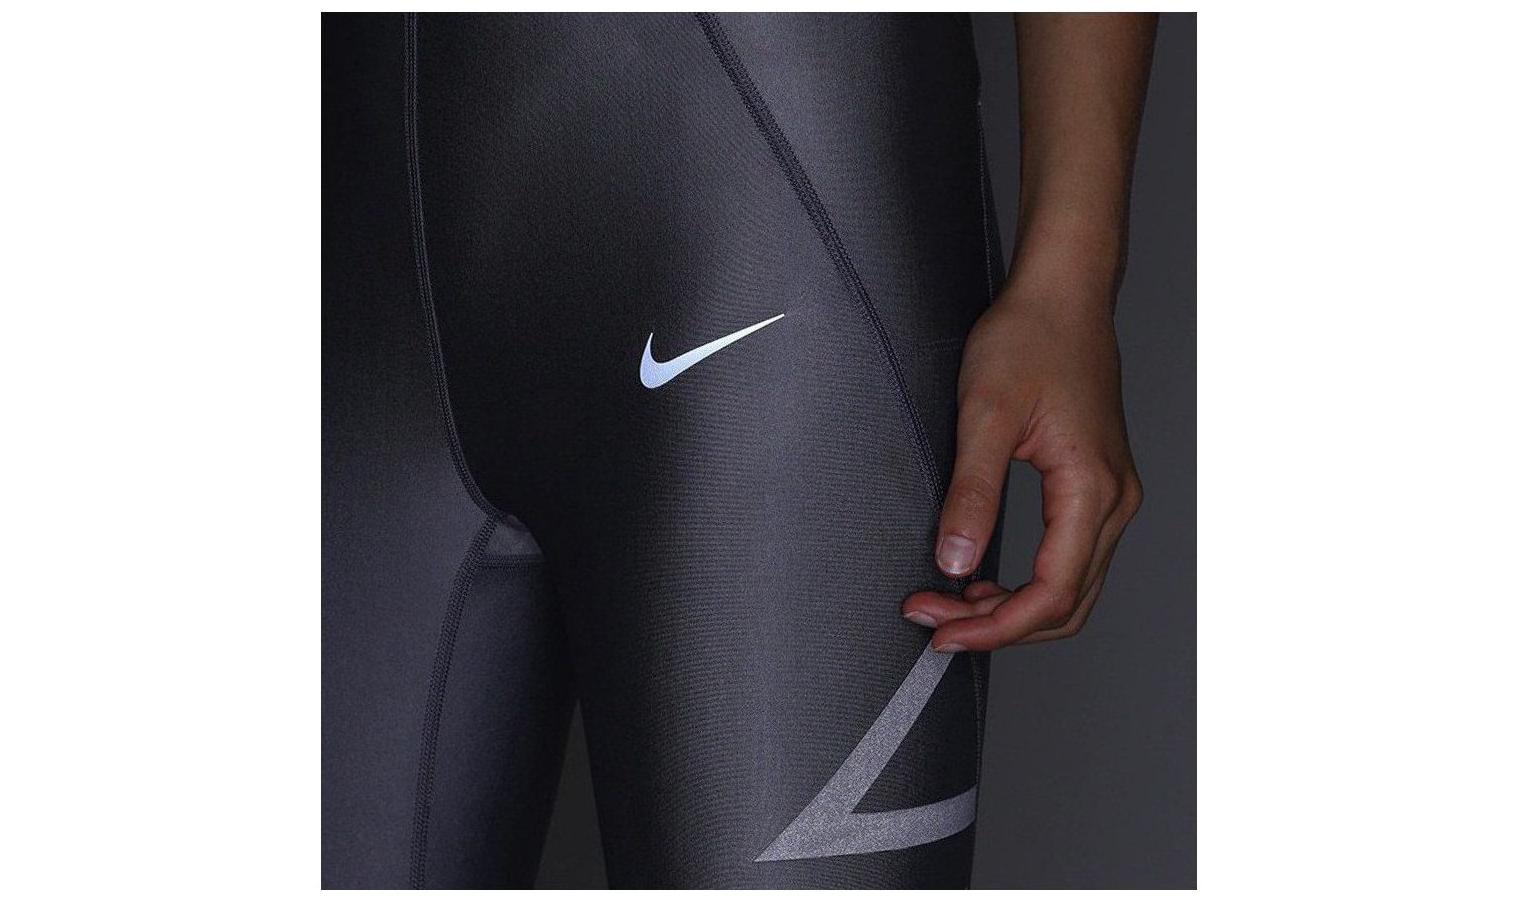 f9026314b61b Dámské kompresní legíny Nike NK SPEED TGHT 7 8 FL W šedé